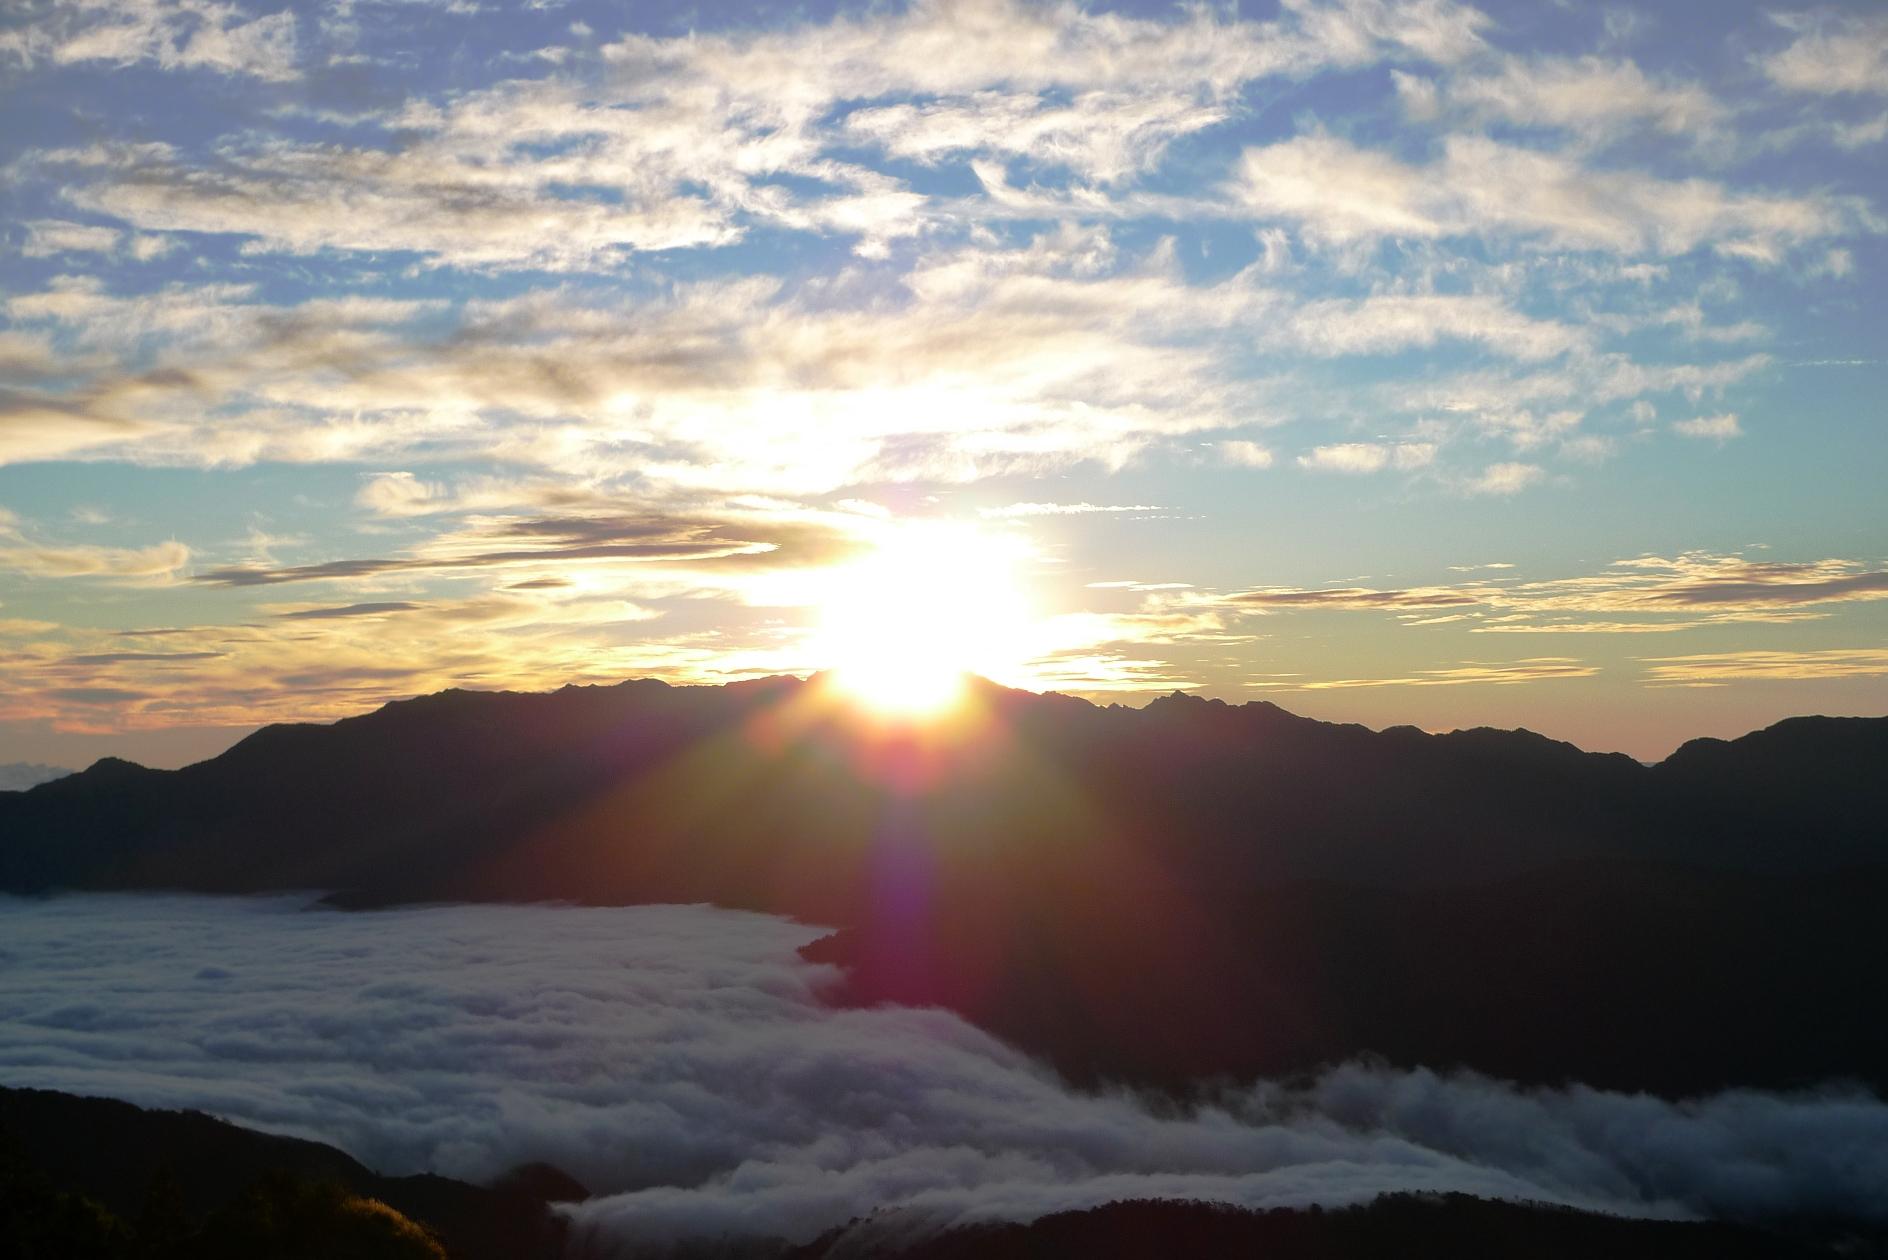 向かいの中央山脈より昇る朝日